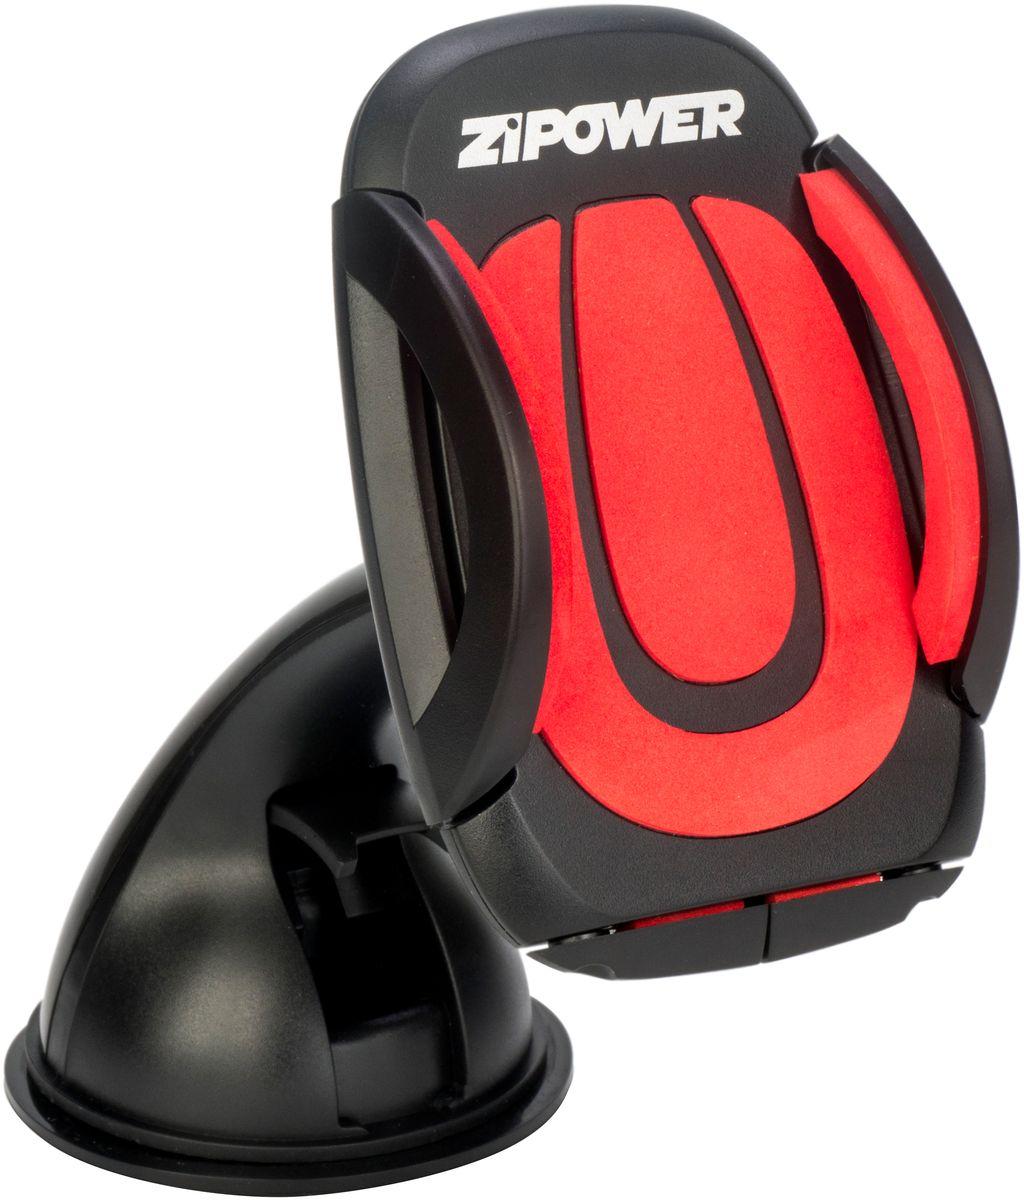 Держатель автомобильный Zipower, для телефона, на присоске. PM 6624 автомобильный держатель zipower pm 6623 черный